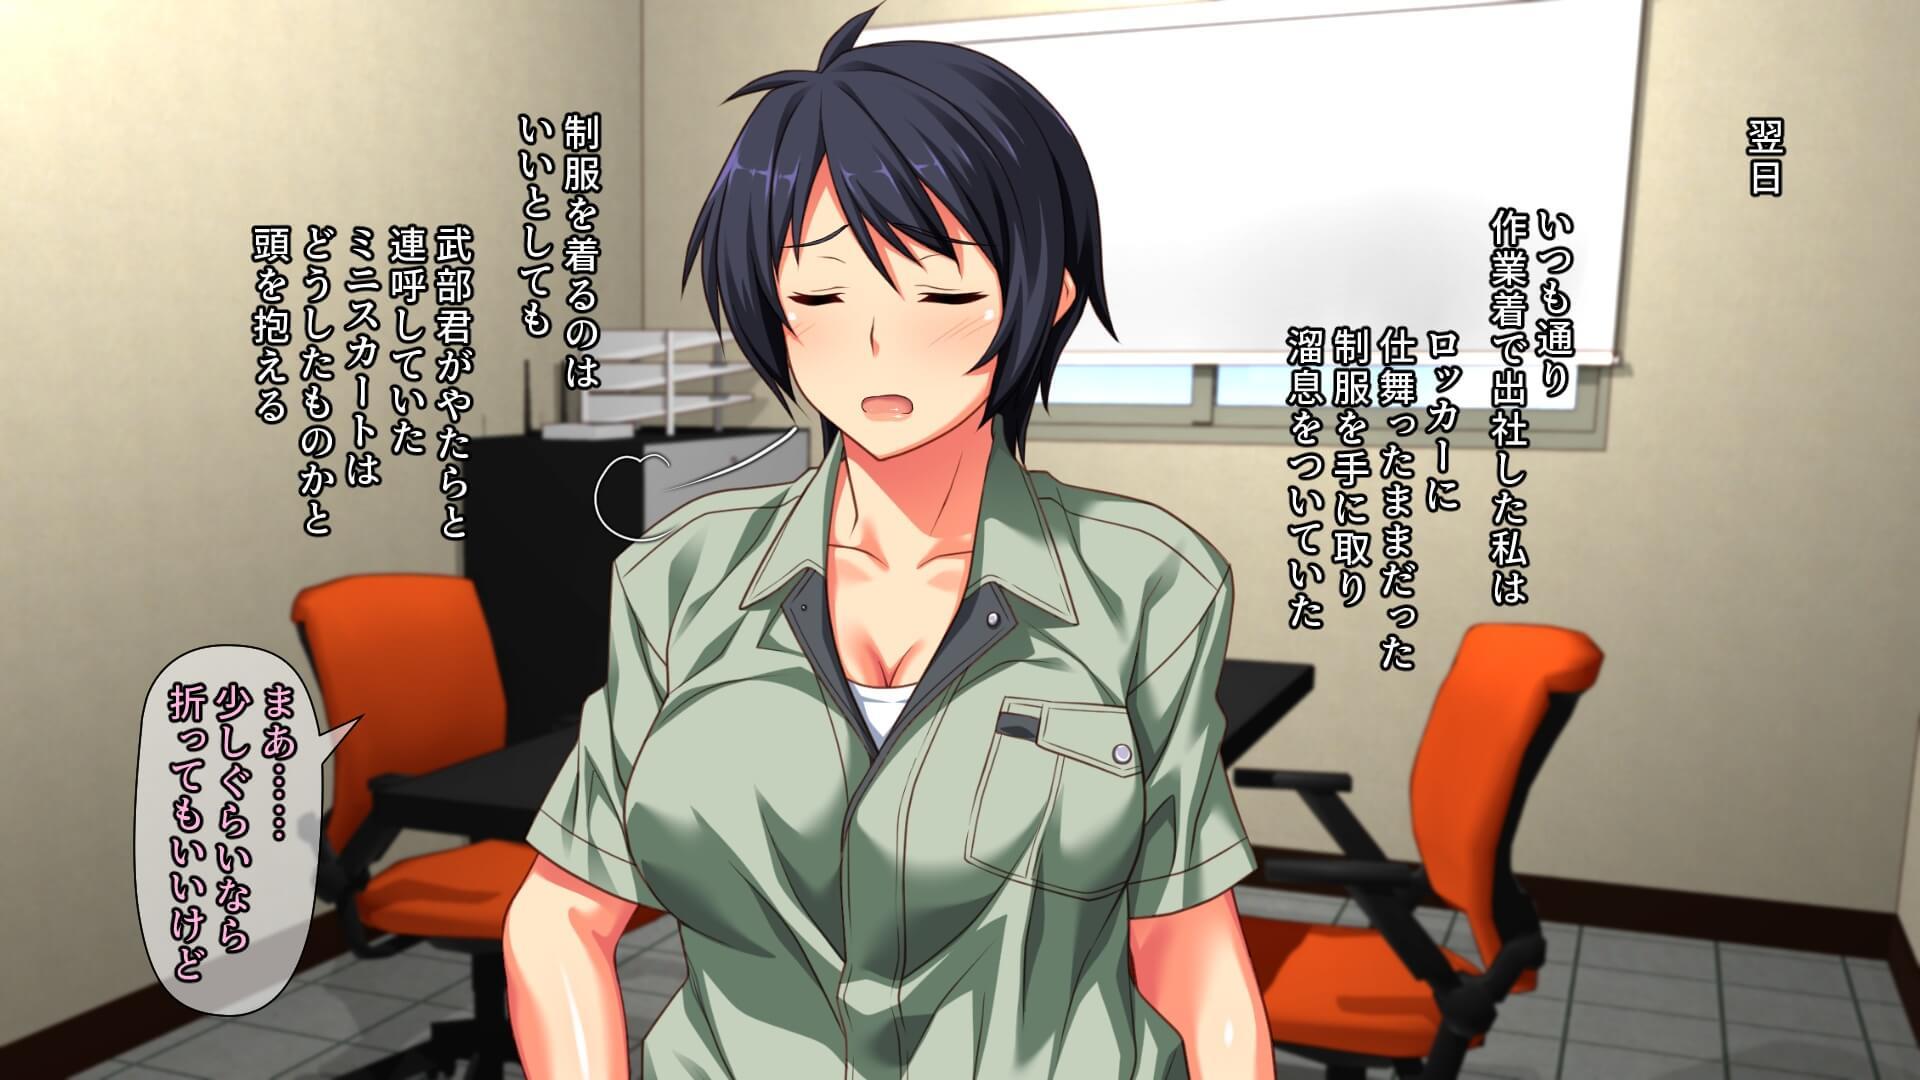 【エロ同人誌 後半】巨乳人妻な彼女はバイトの男子大学生にシフトと引き換えに巨乳を揉ませてあげるw【無料 エロ漫画】